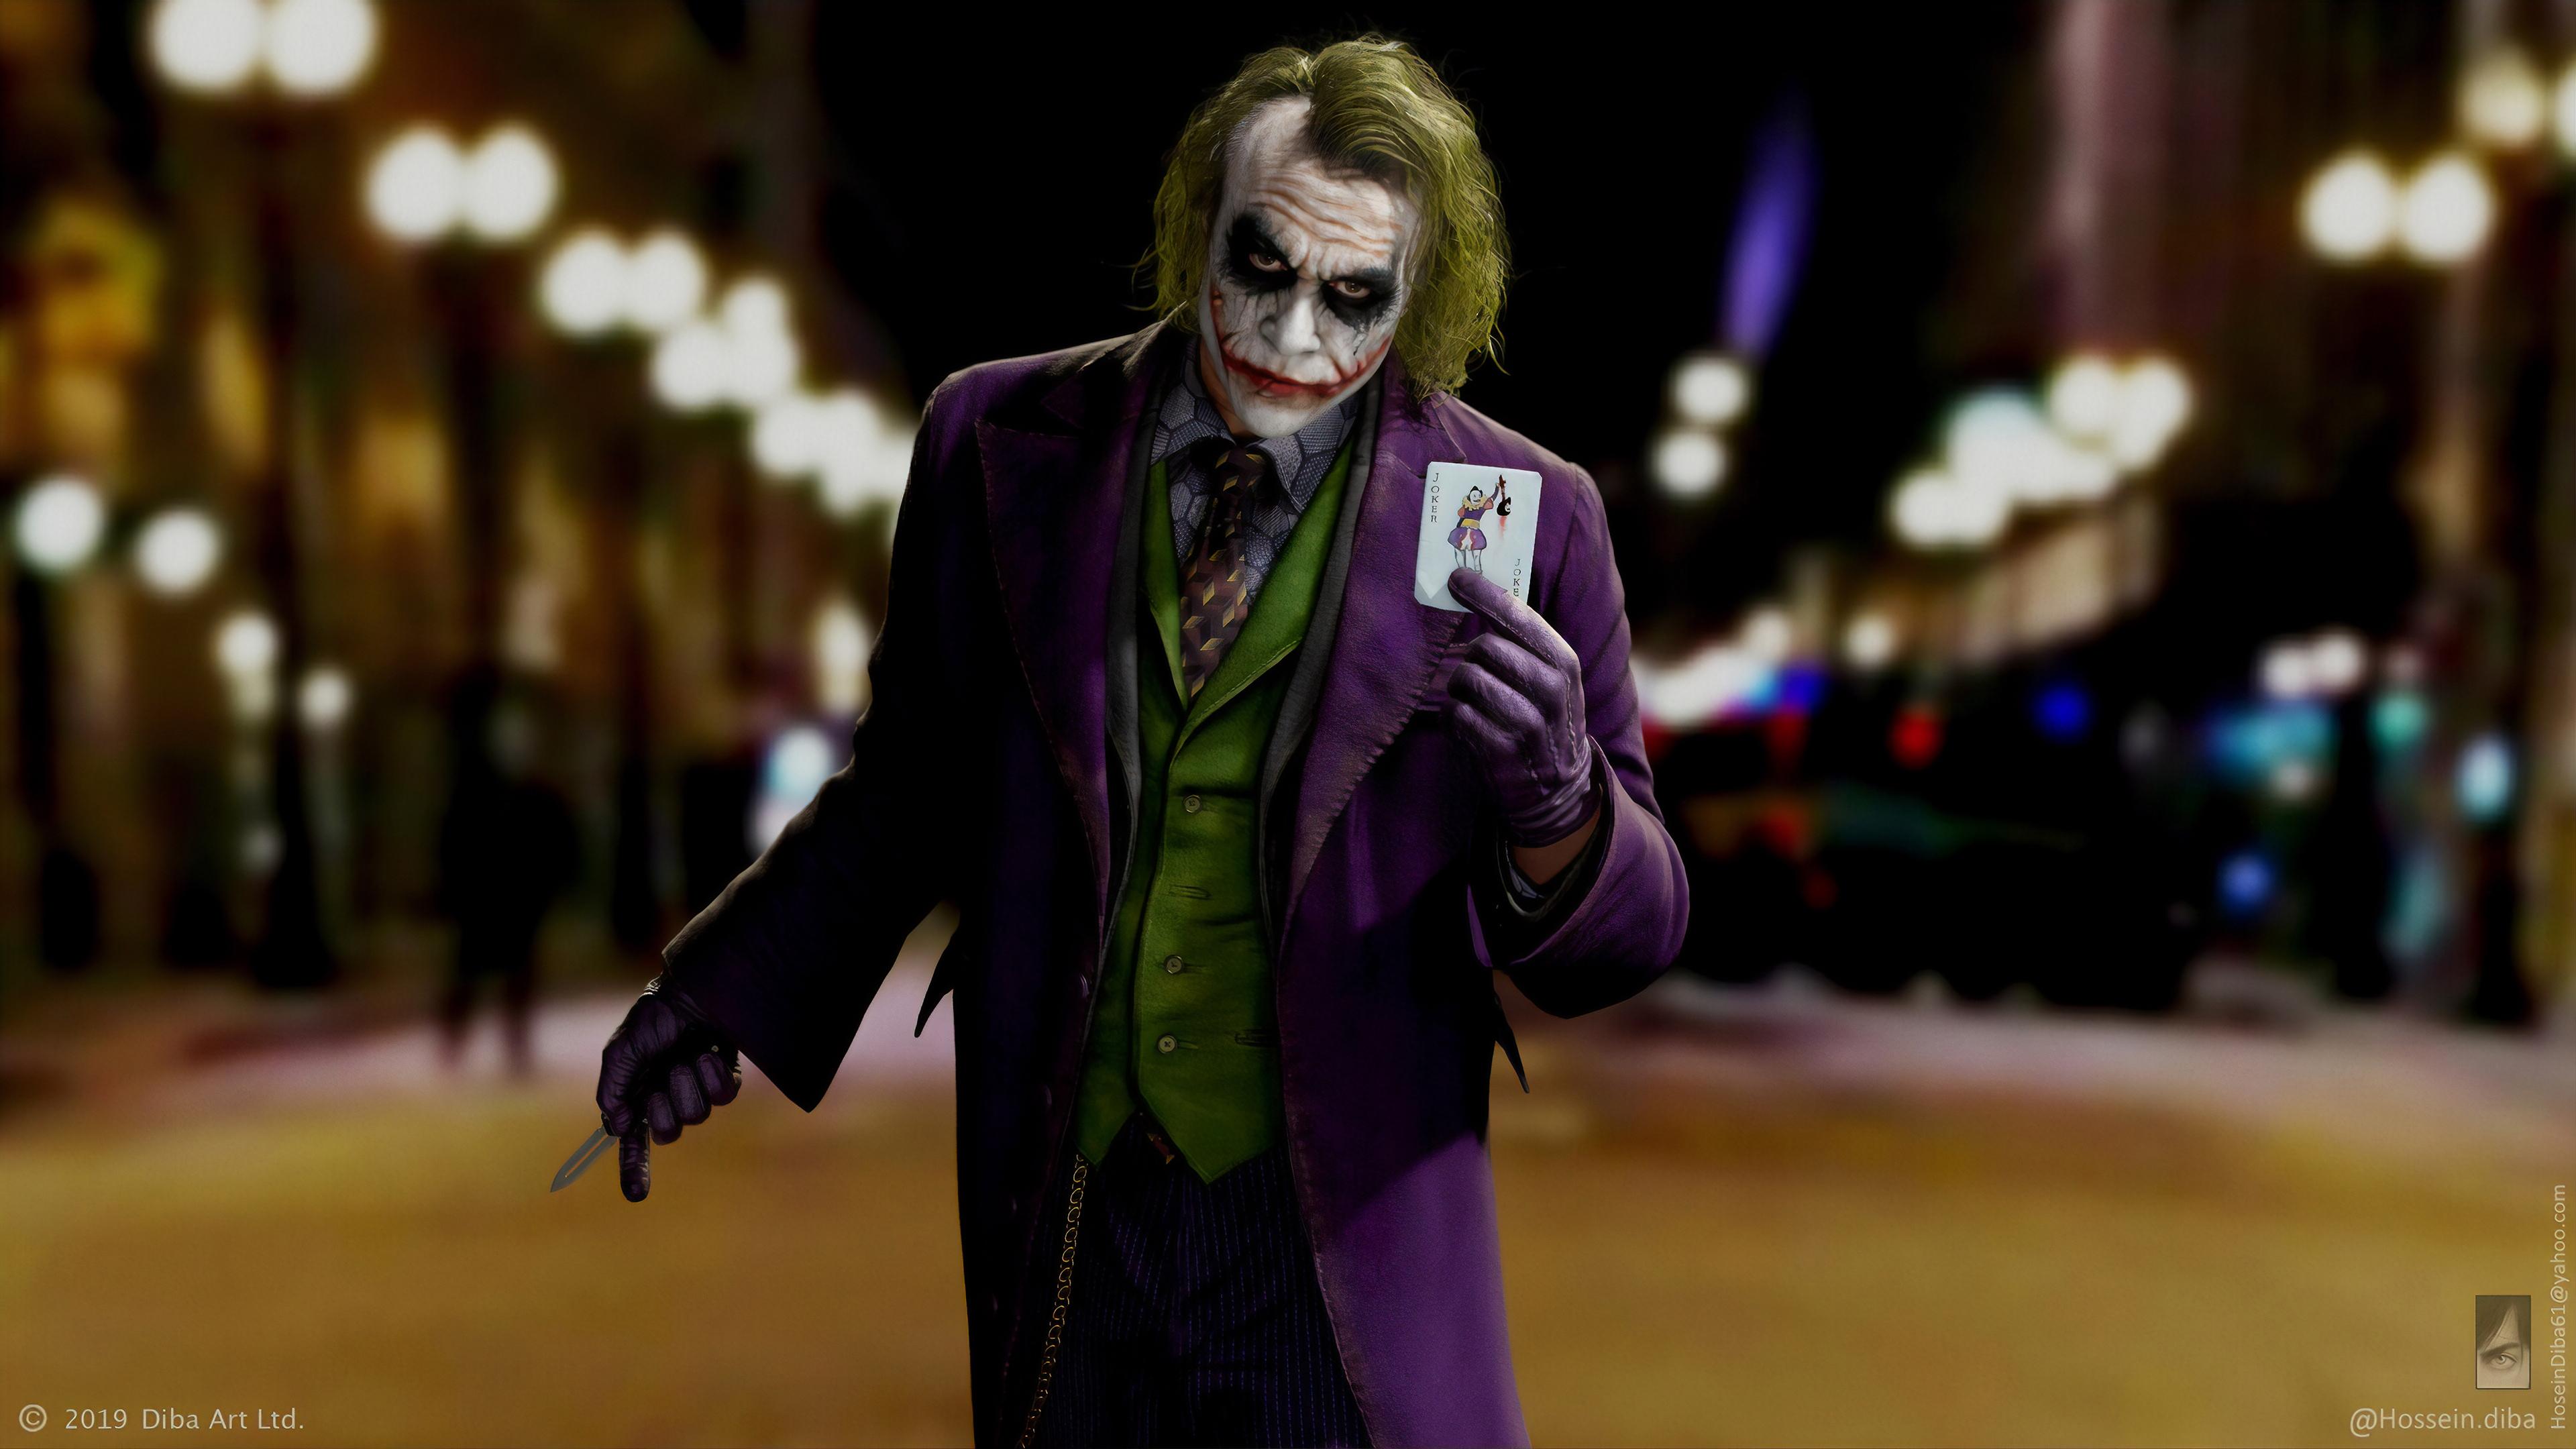 1920x1080 Joker Heath Ledger Flip It 4k Laptop Full HD ...